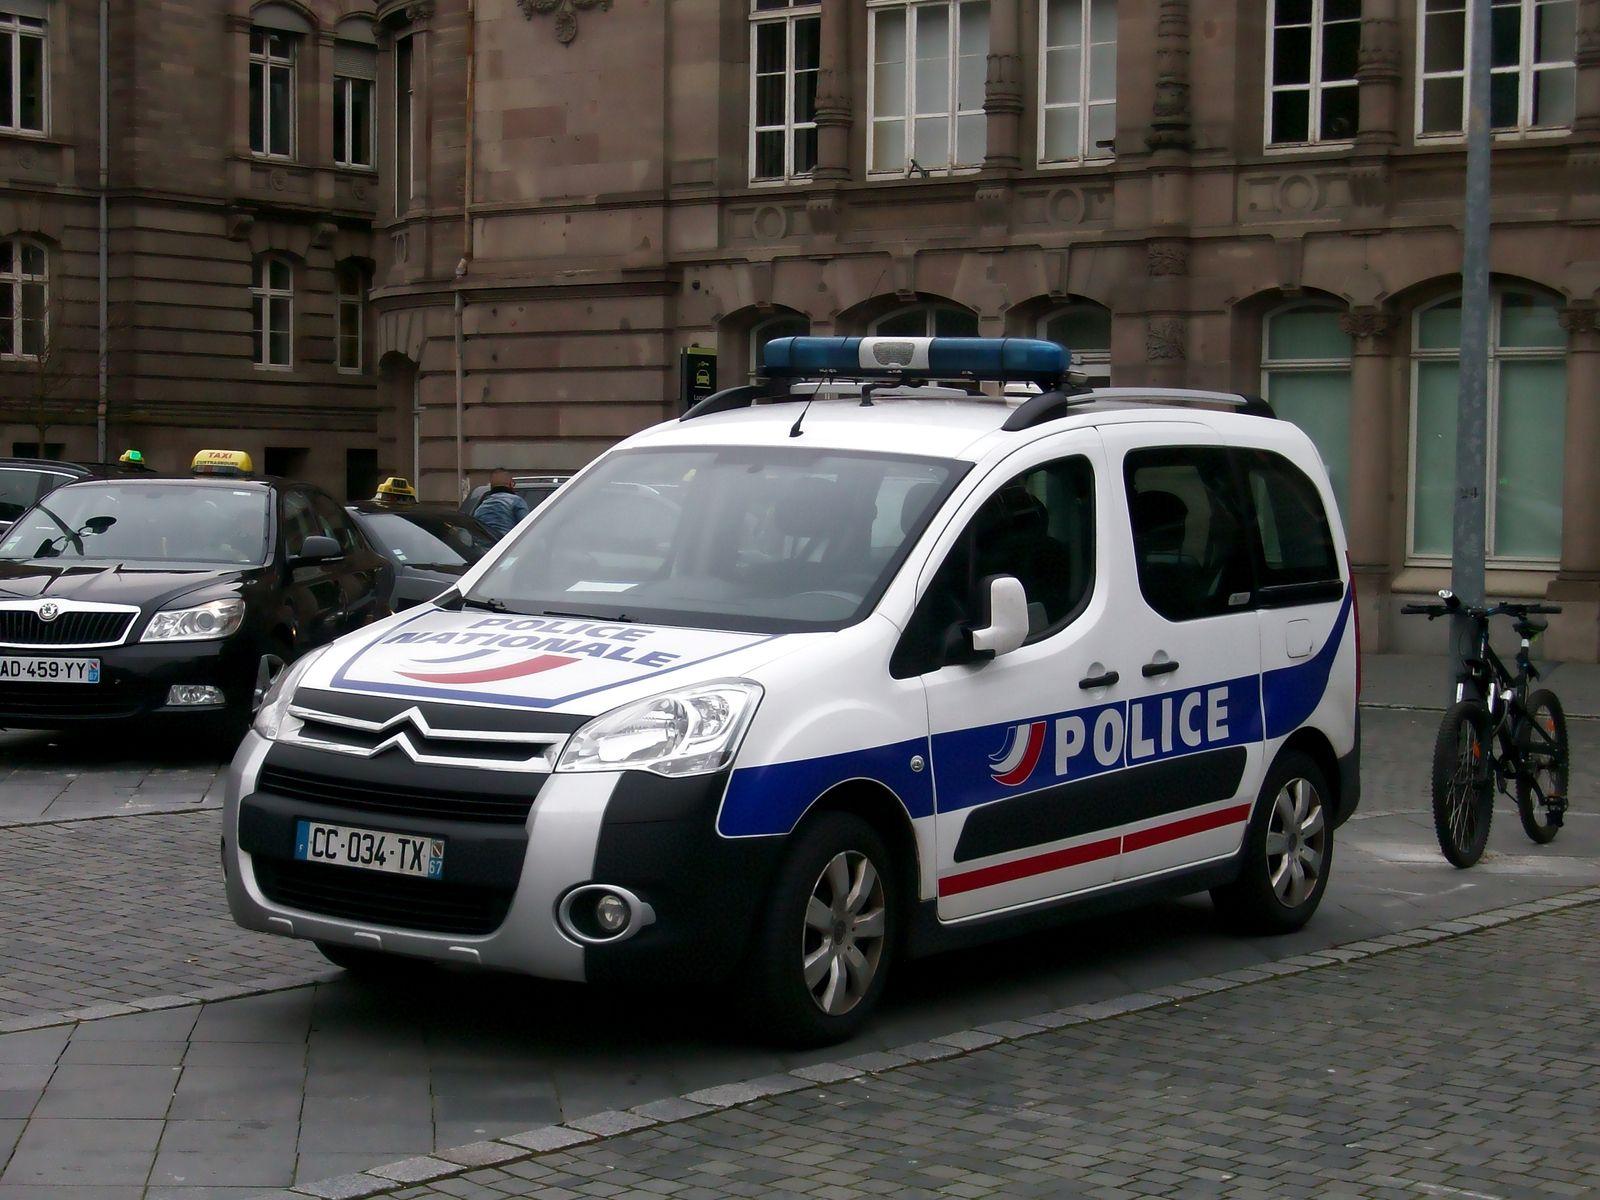 Un enfant de 12 ans dans le coma après avoir été percuté par une voiture de police à Blanc-Mesnil